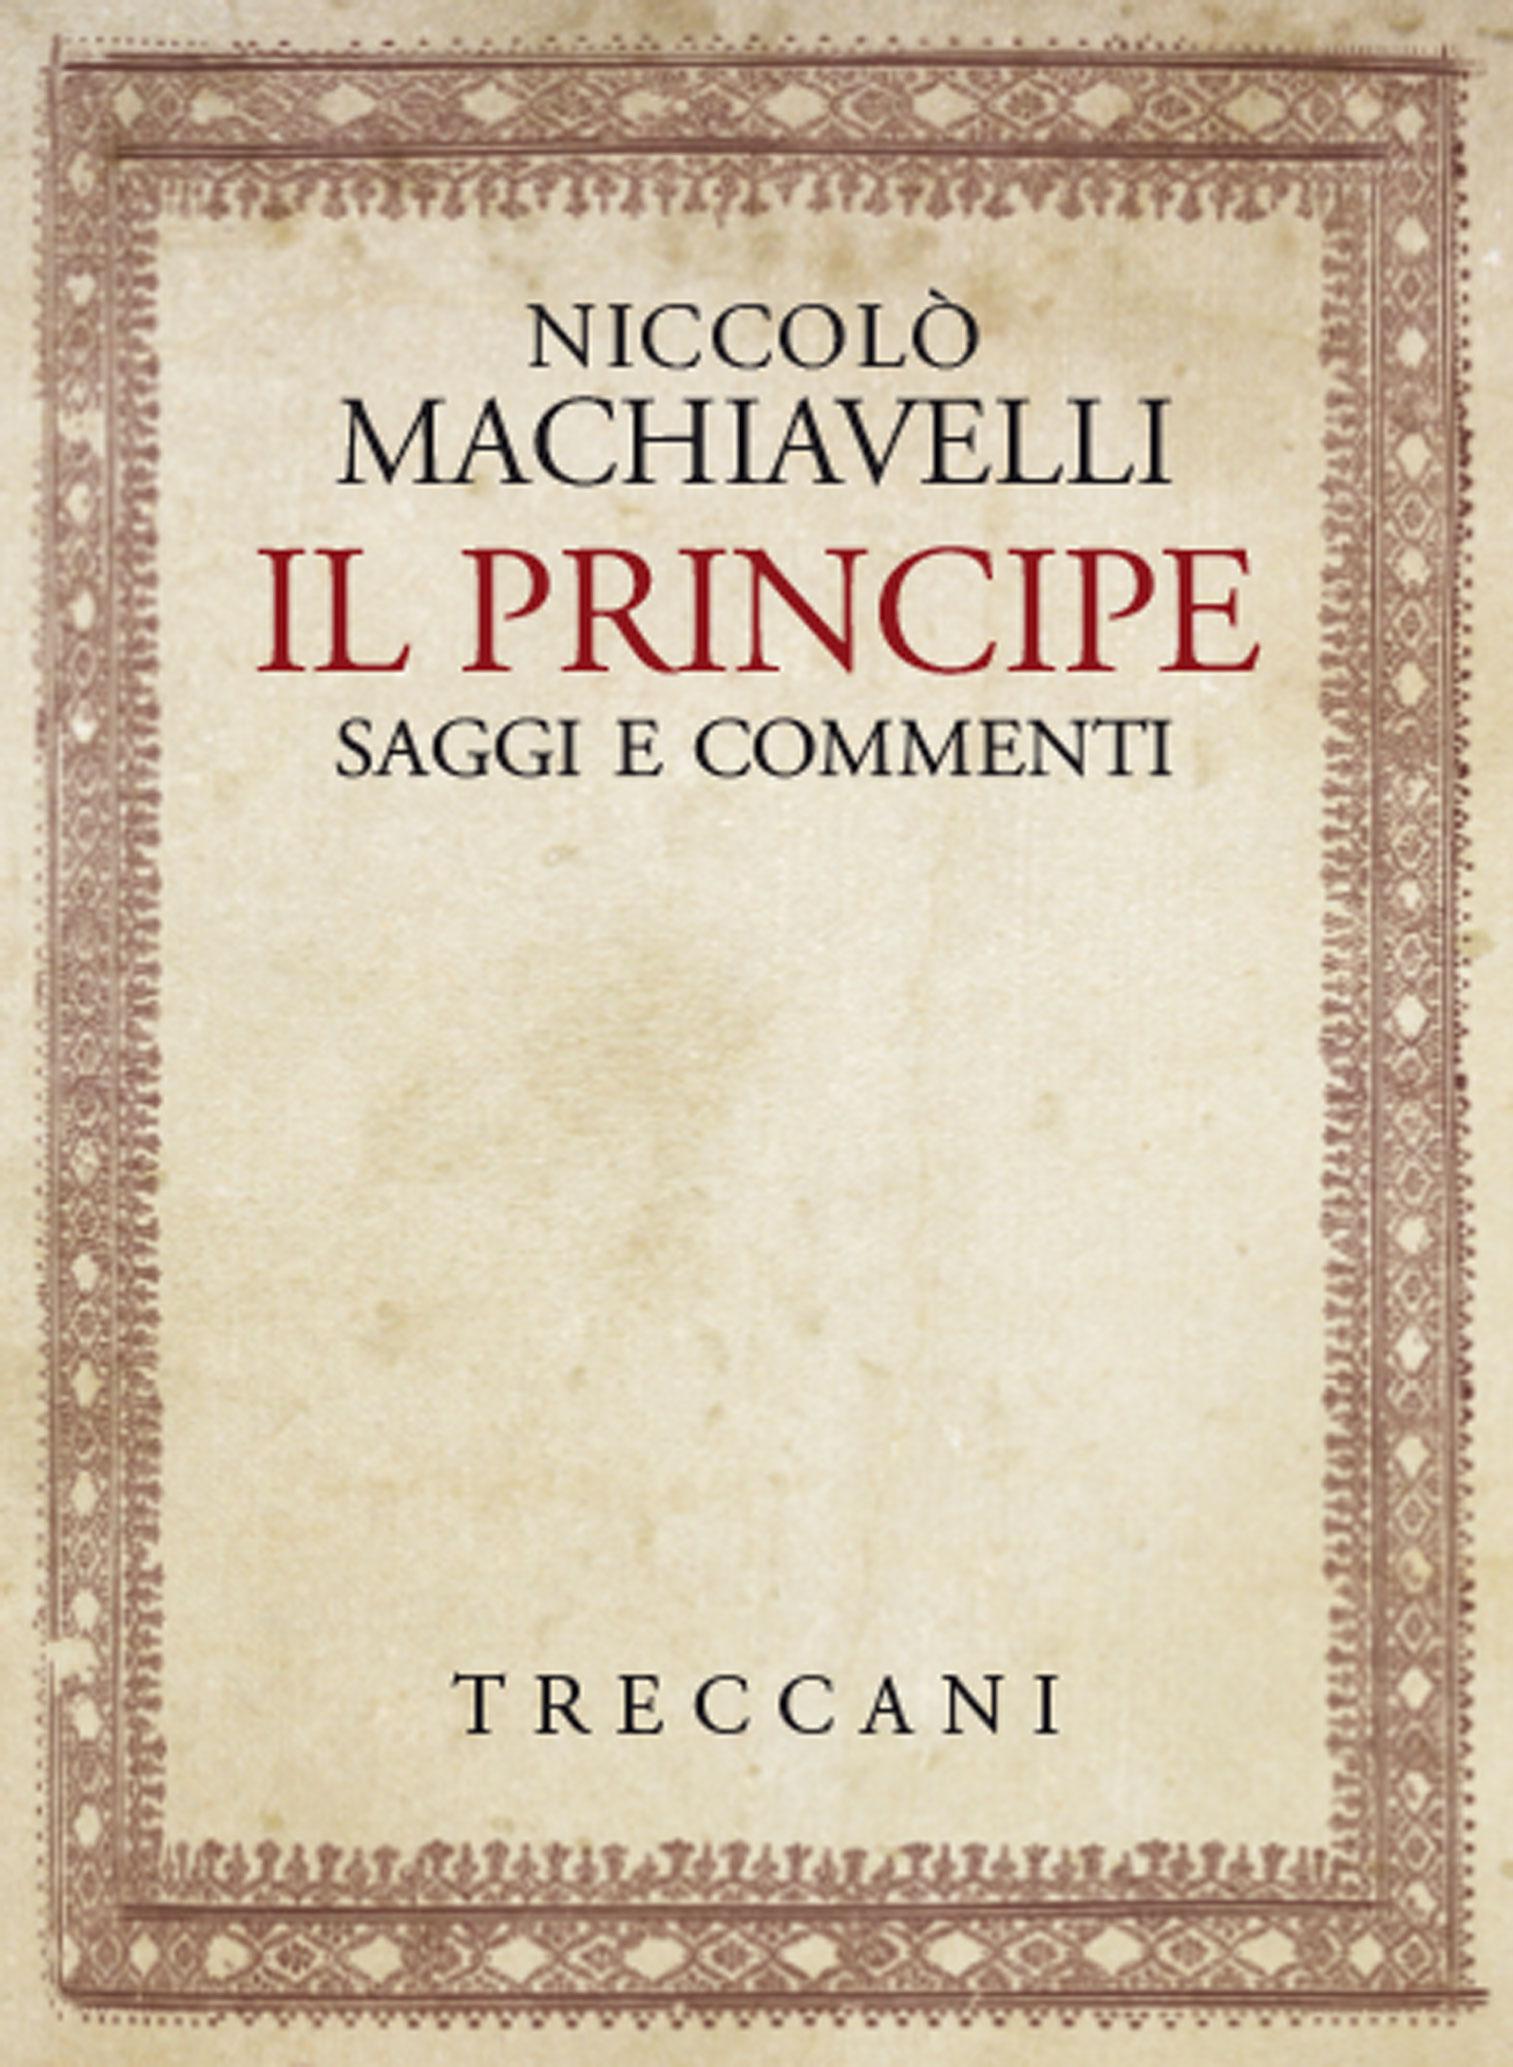 commentario_machiavelli.jpg